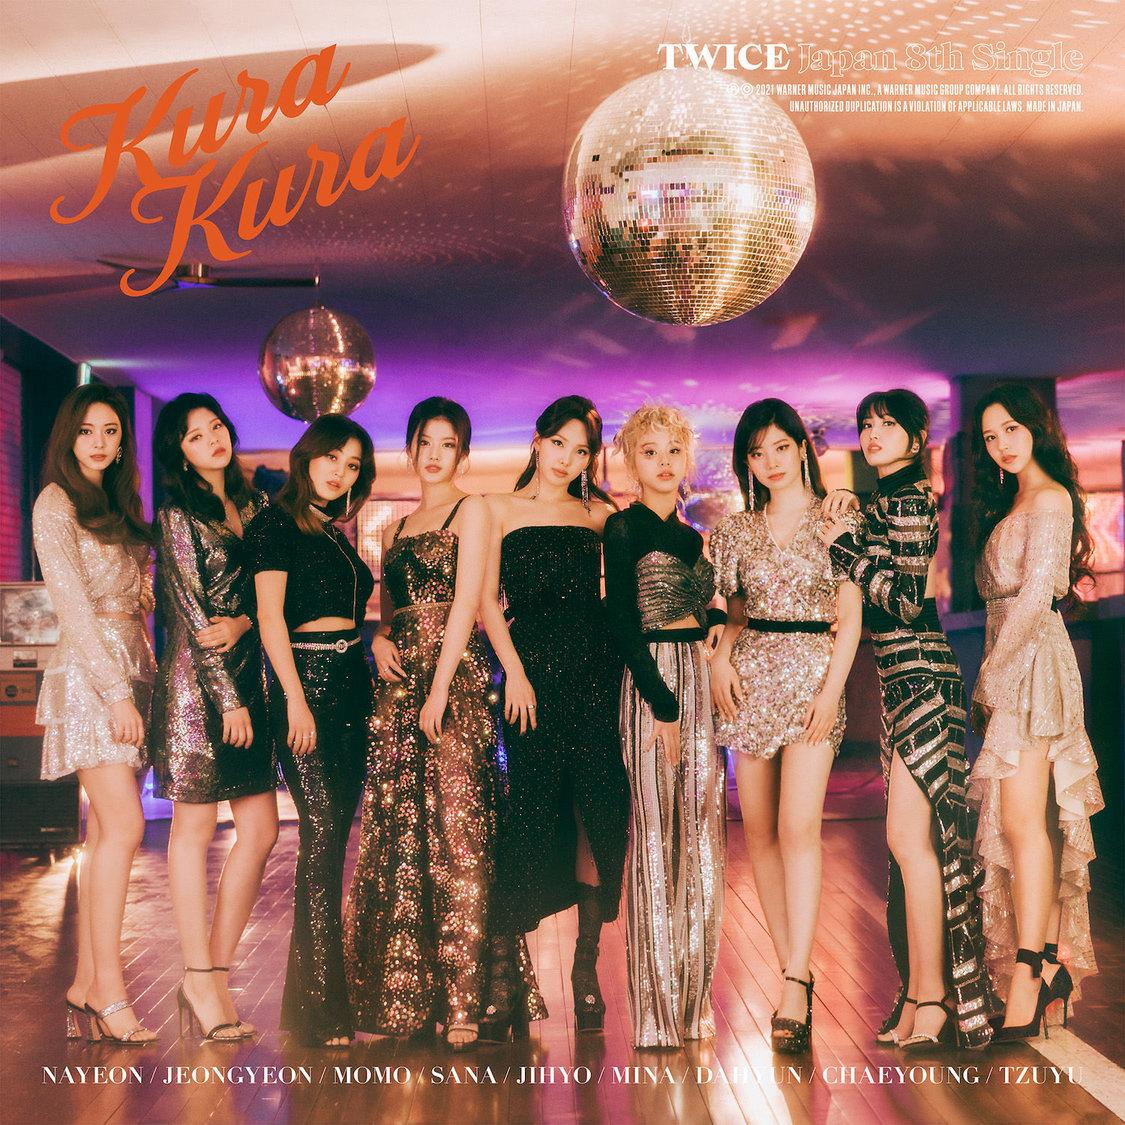 JAPAN 8thシングル「Kura Kura」通常盤ジャケット